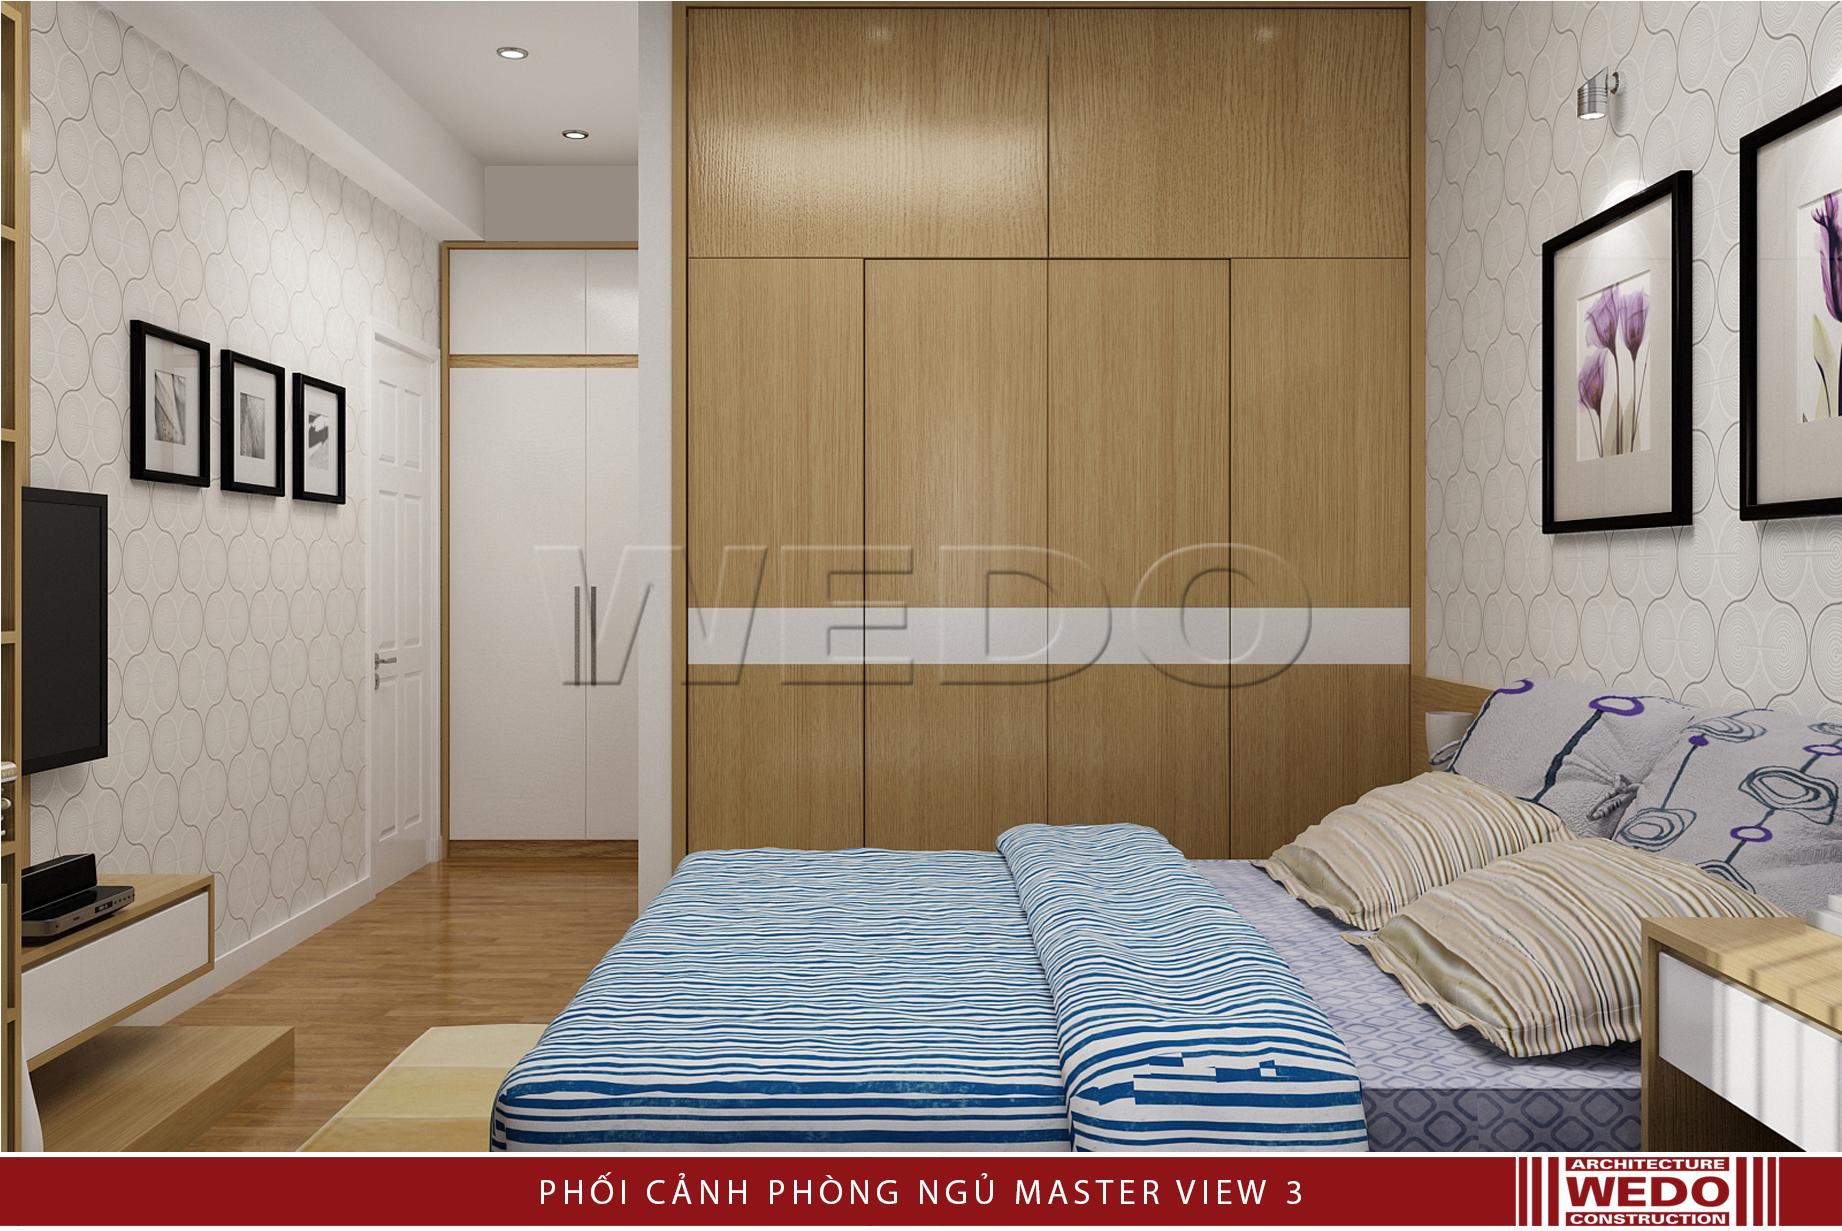 Nội thất phòng ngủ master chung cư Alphanam - hướng nhìn tủ và cửa phòng